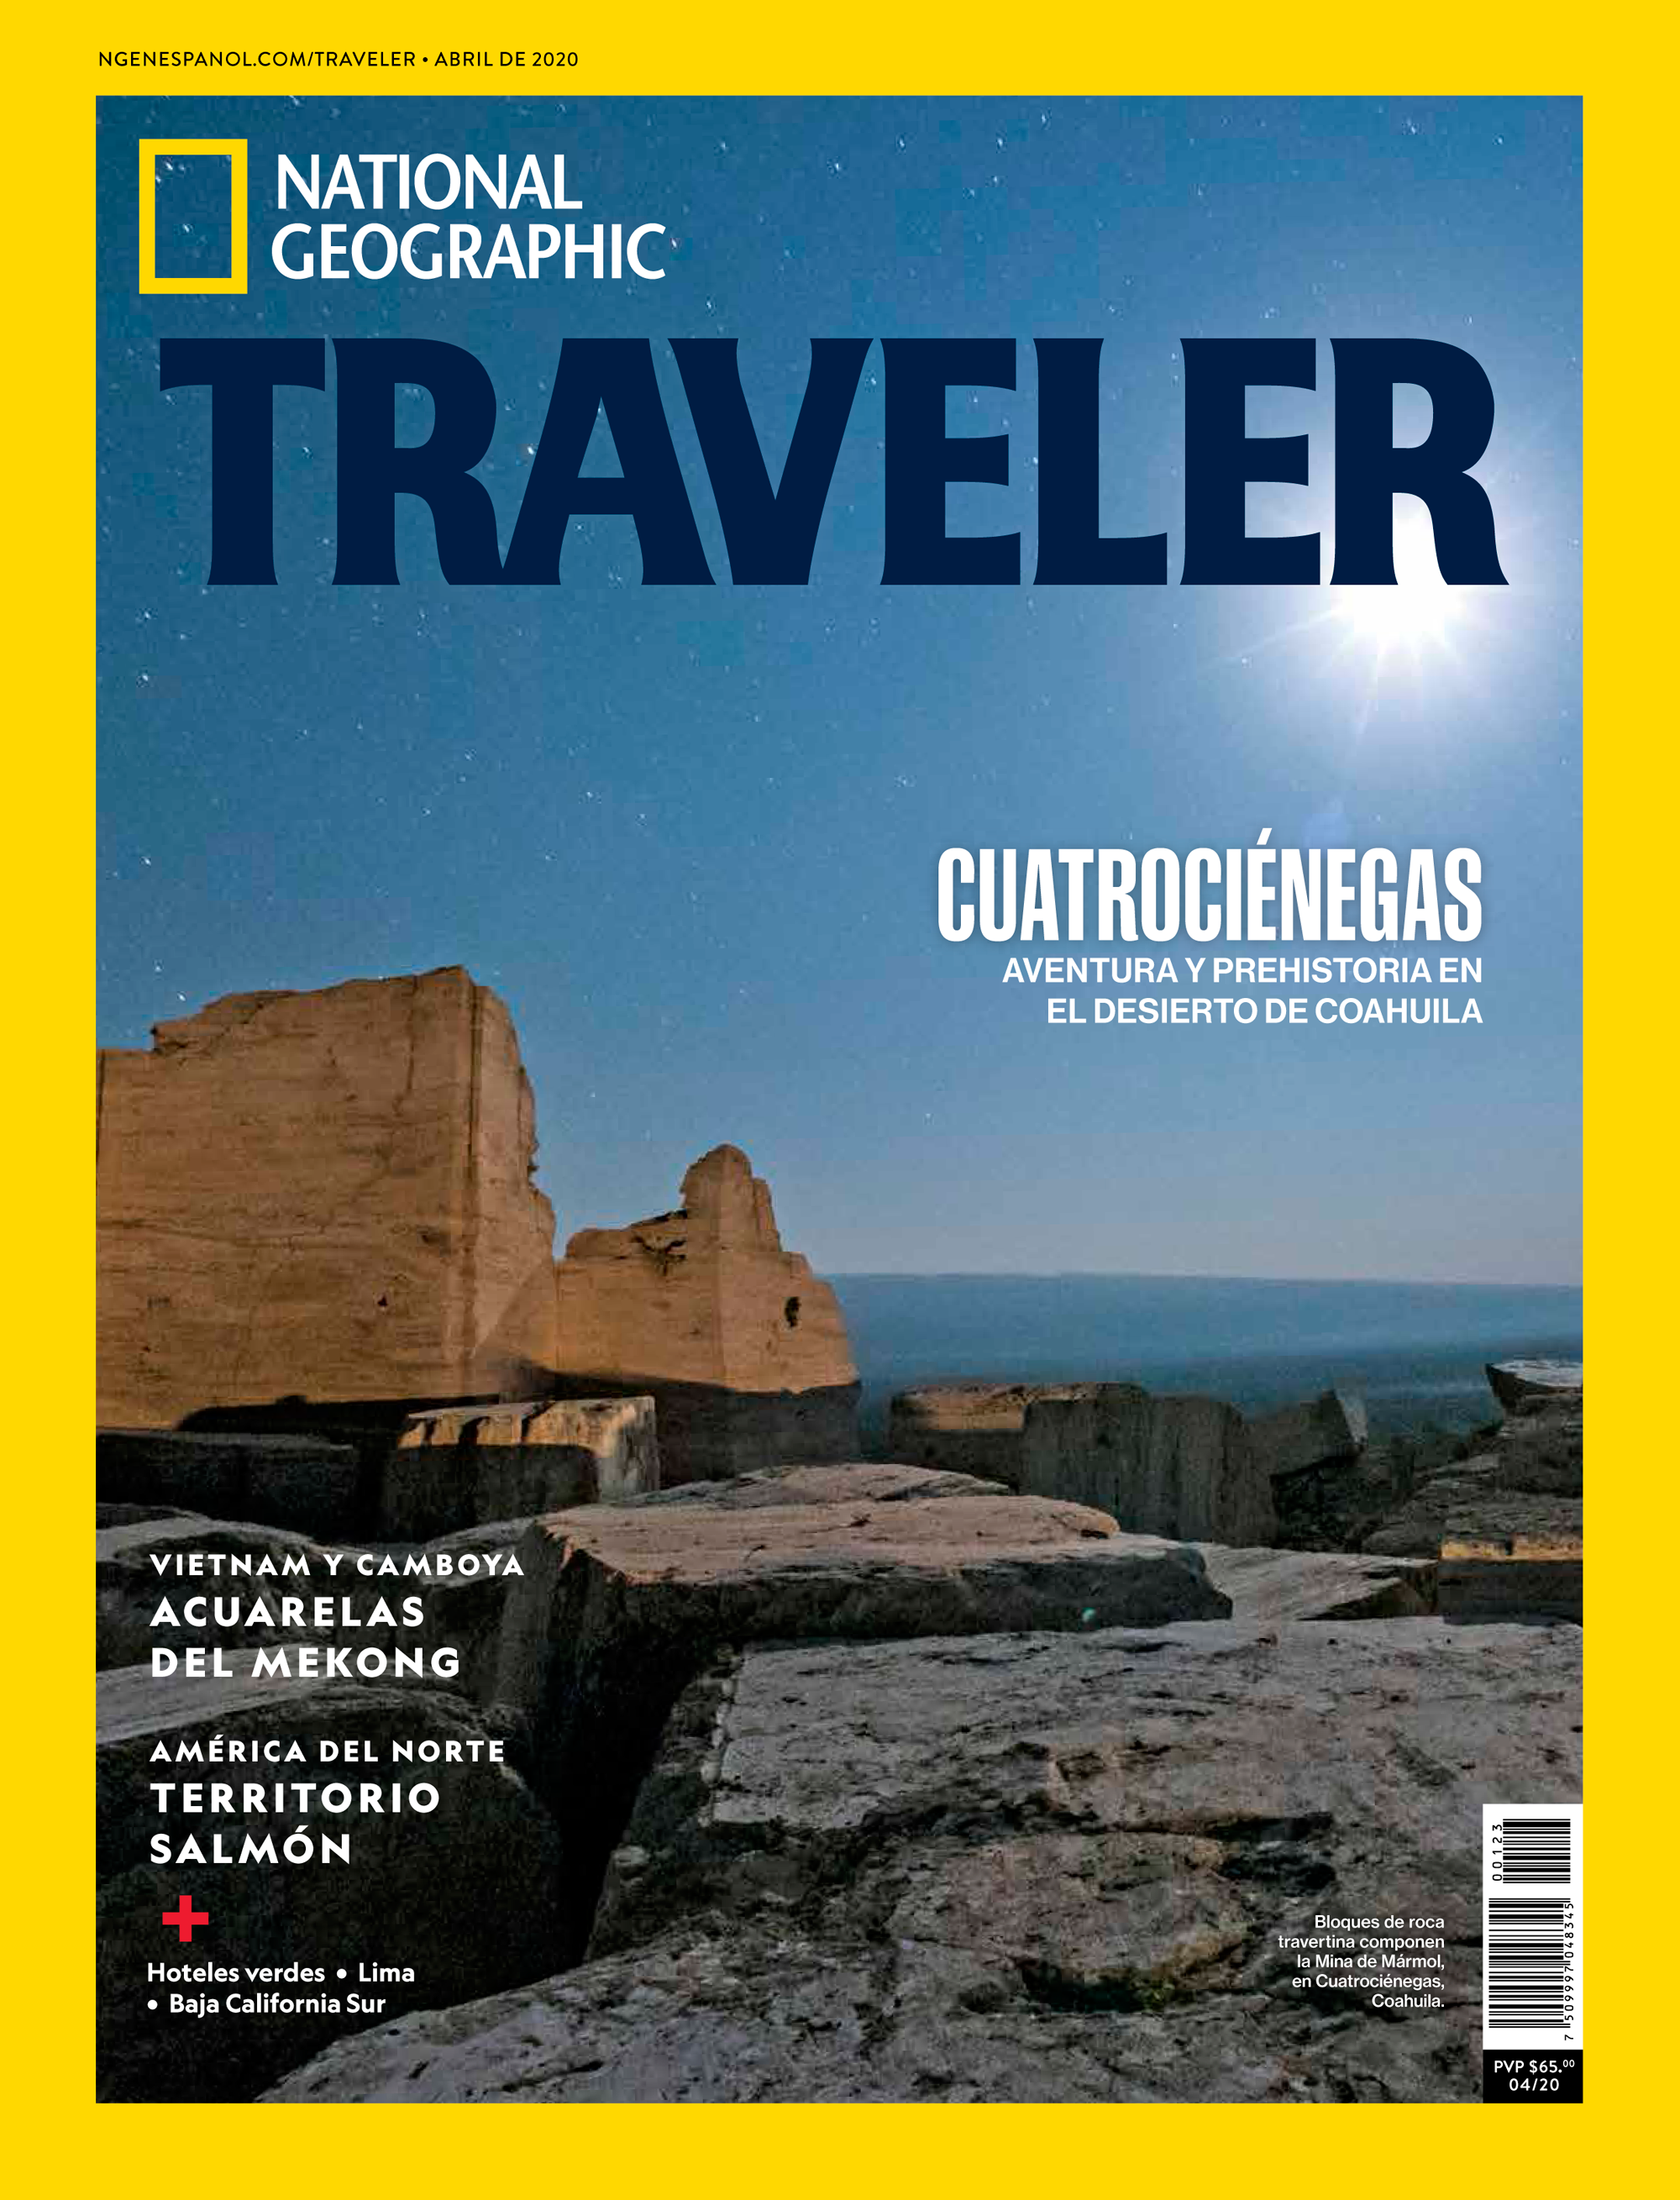 portada edición de abril